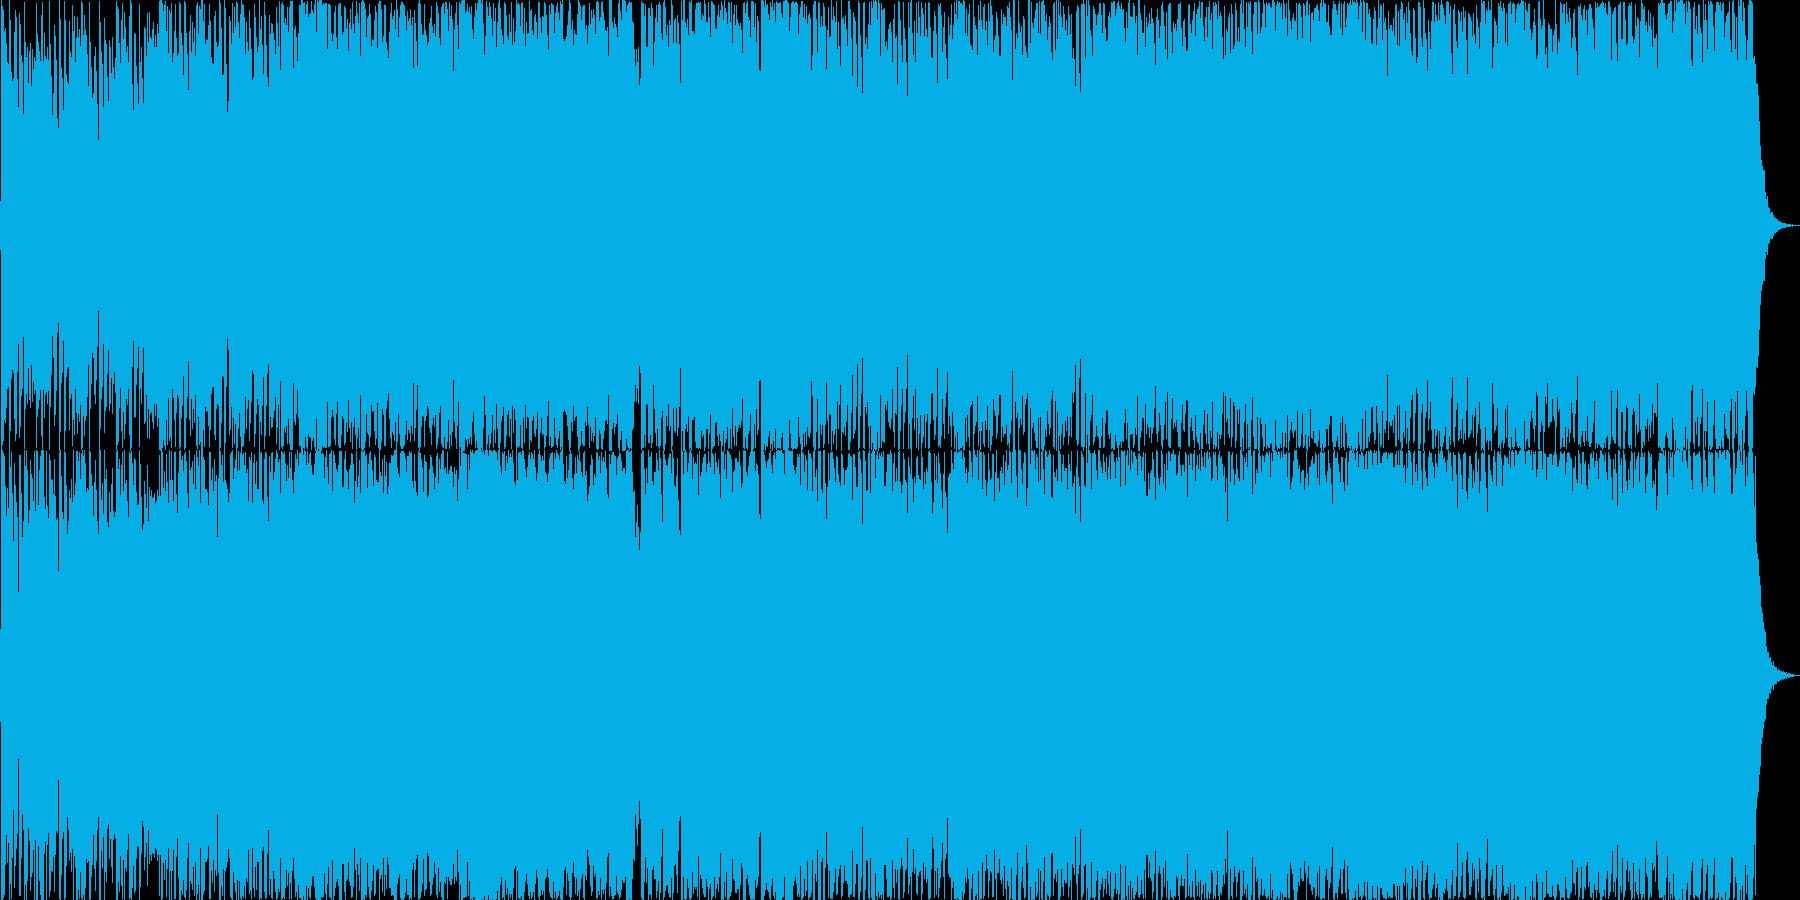 ダークファンタジーオーケストラ戦闘曲29の再生済みの波形